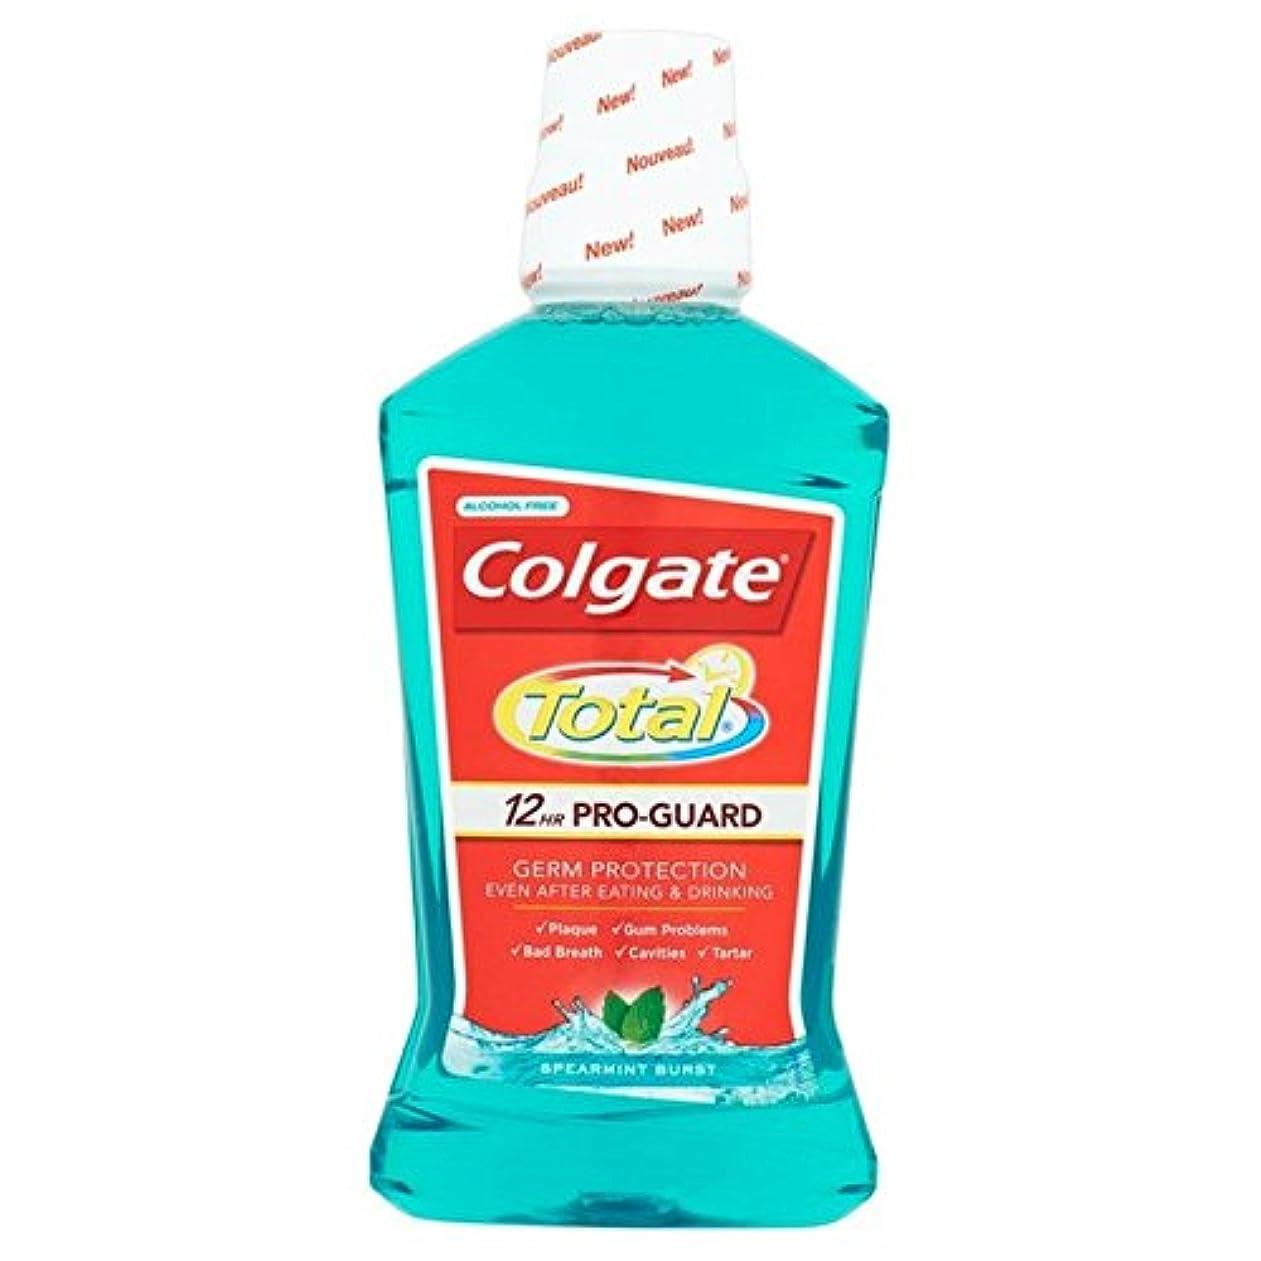 遺体安置所針人気のコルゲートトータル先進的な緑色のマウスウォッシュ500ミリリットル500ミリリットル x4 - Colgate Total Advanced Green Mouthwash 500ml 500ml (Pack of 4)...